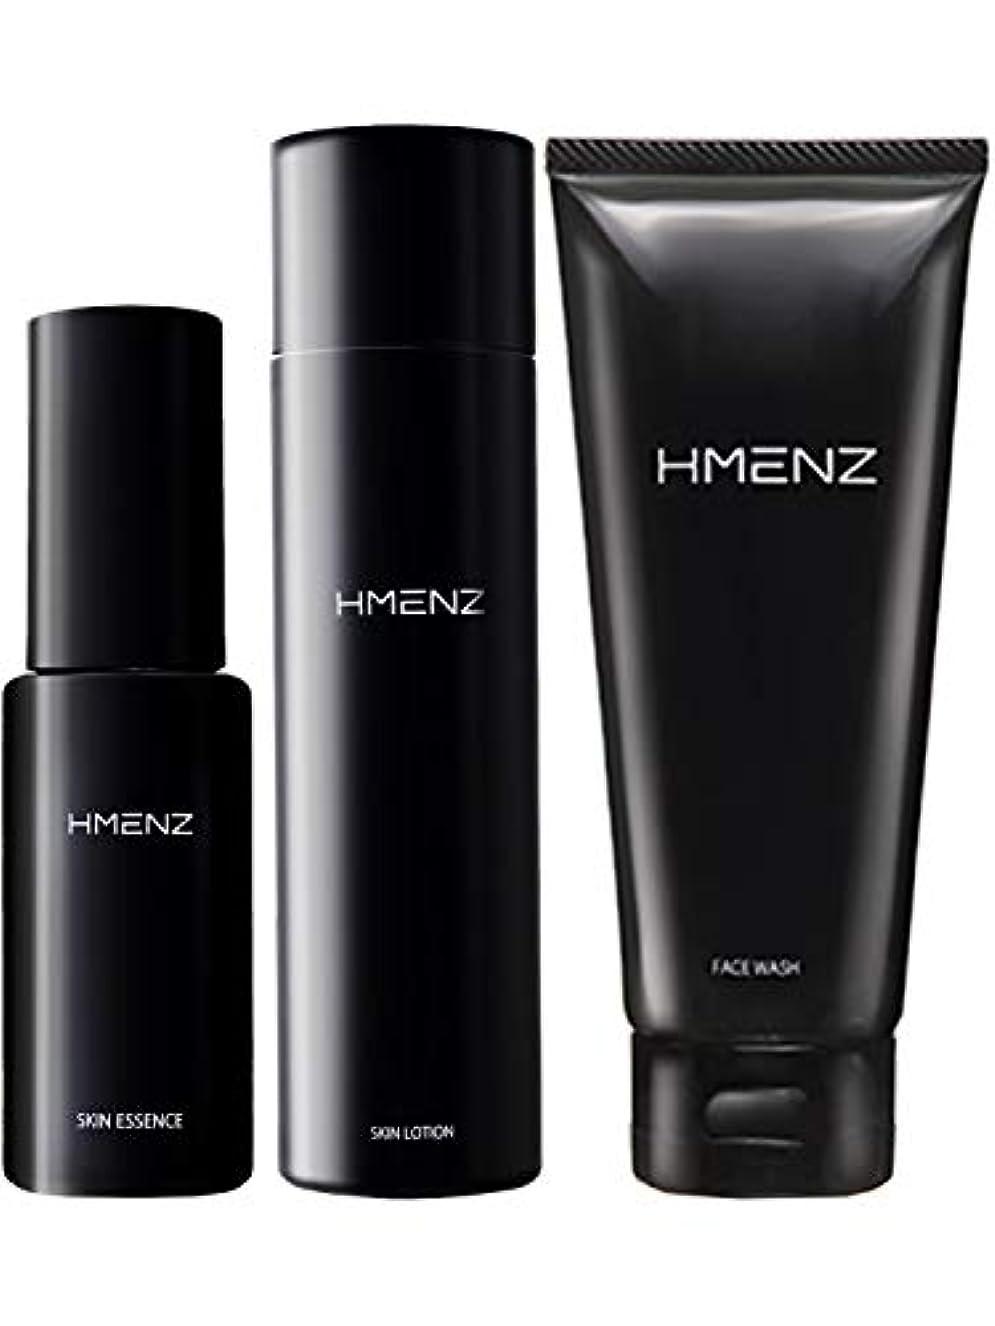 医薬部外品 HMENZ 【 メンズ 洗顔 化粧水 美容液 セット 】「 保湿 シミ対策 男性用 エイジングケア 」「 無添加 洗顔料 アフターシェーブローション オールインワン 」 100g + 150ml + 50ml